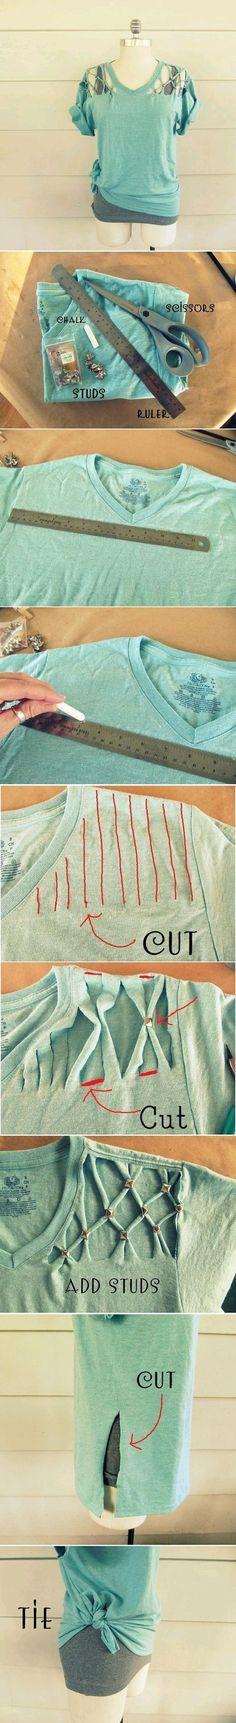 DIY cut+studded